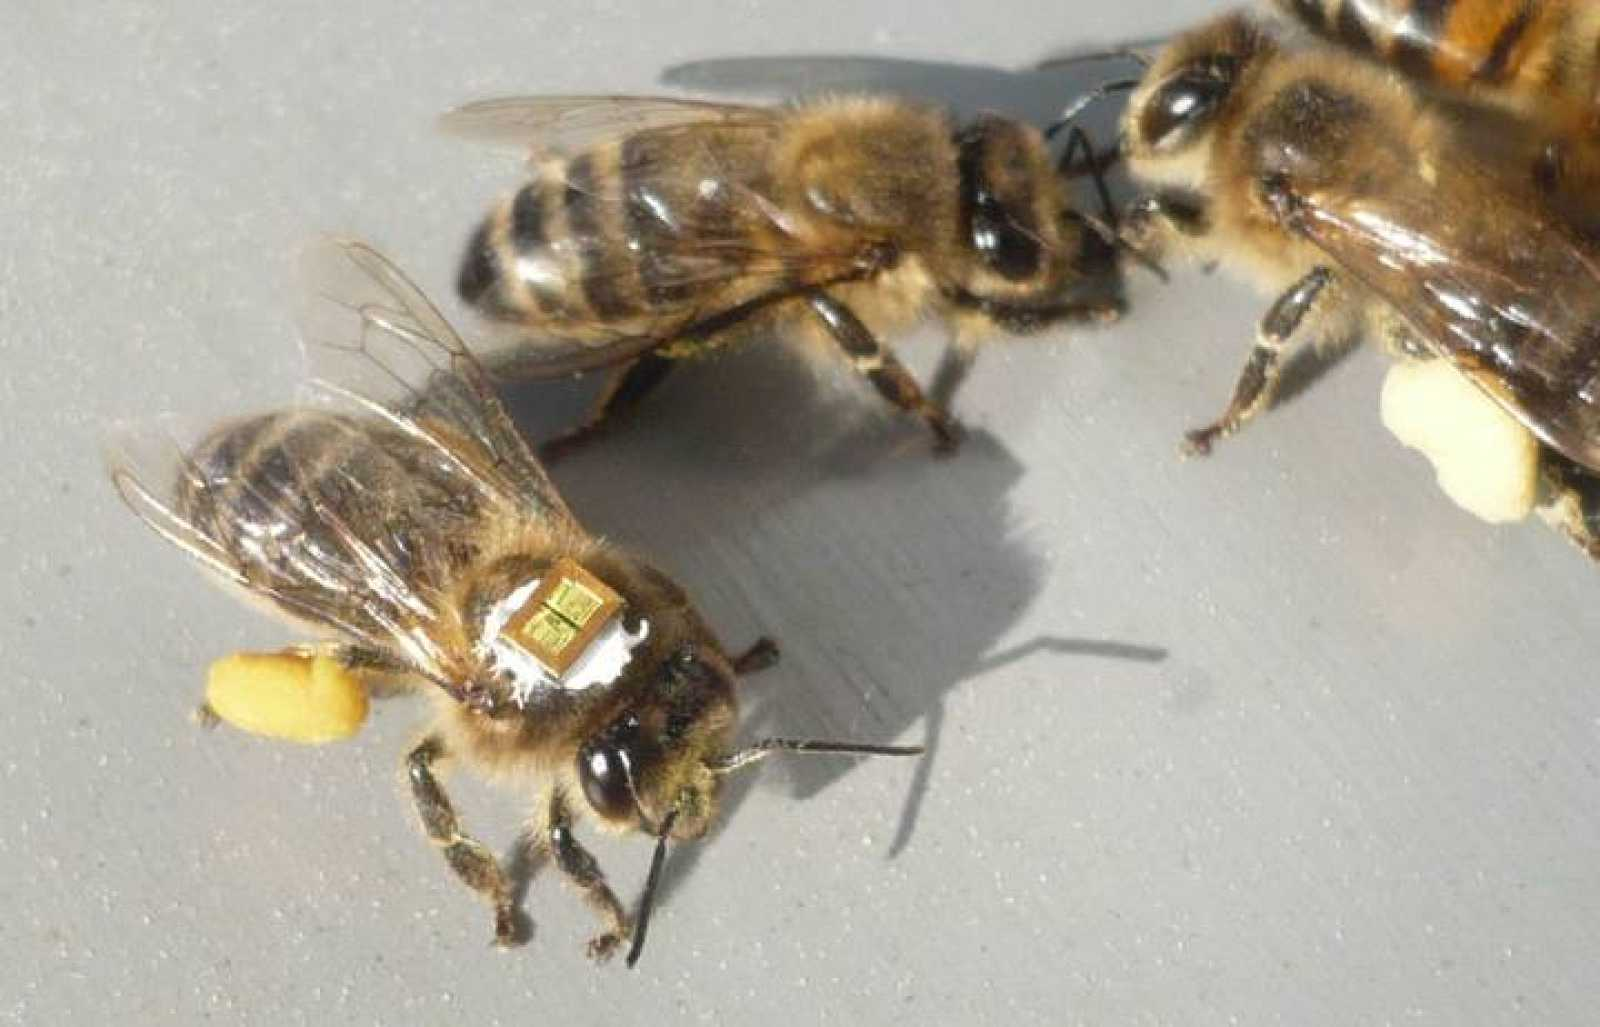 Los investigadores han incorporado microchips en el torax de las abejas para realizar el estudio